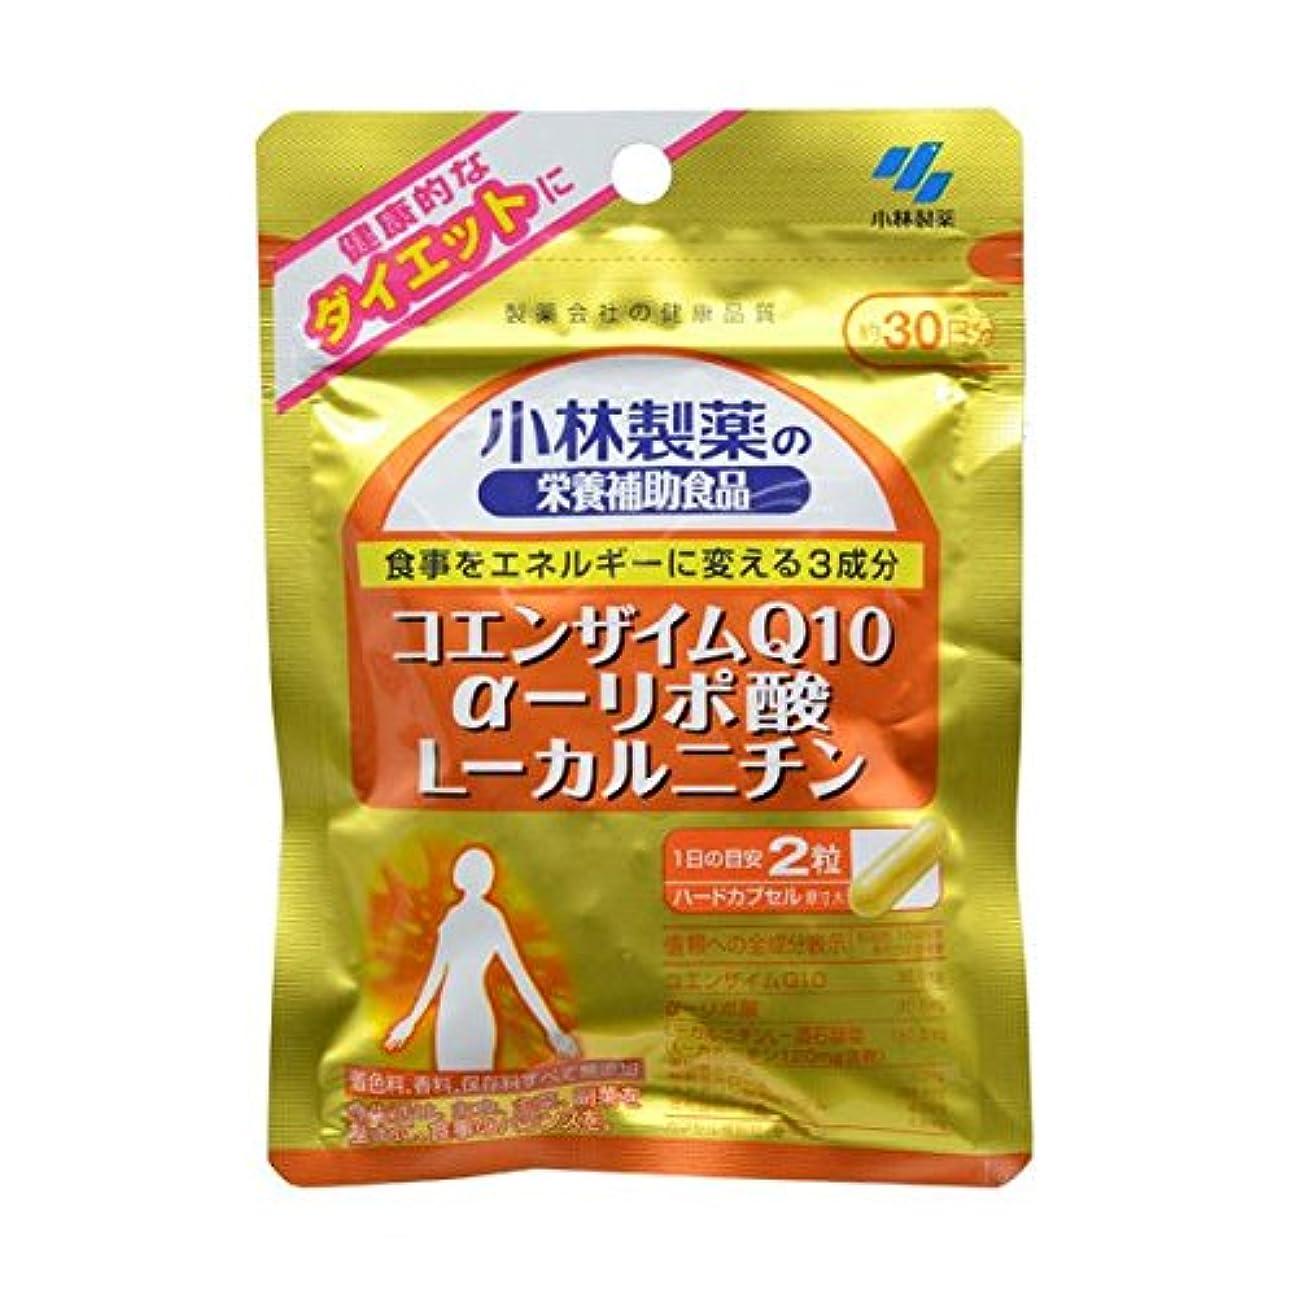 監督する美人環境小林製薬 小林製薬の栄養補助食品コエンザイムQ10α-リポ酸L-カルニチン60粒×2